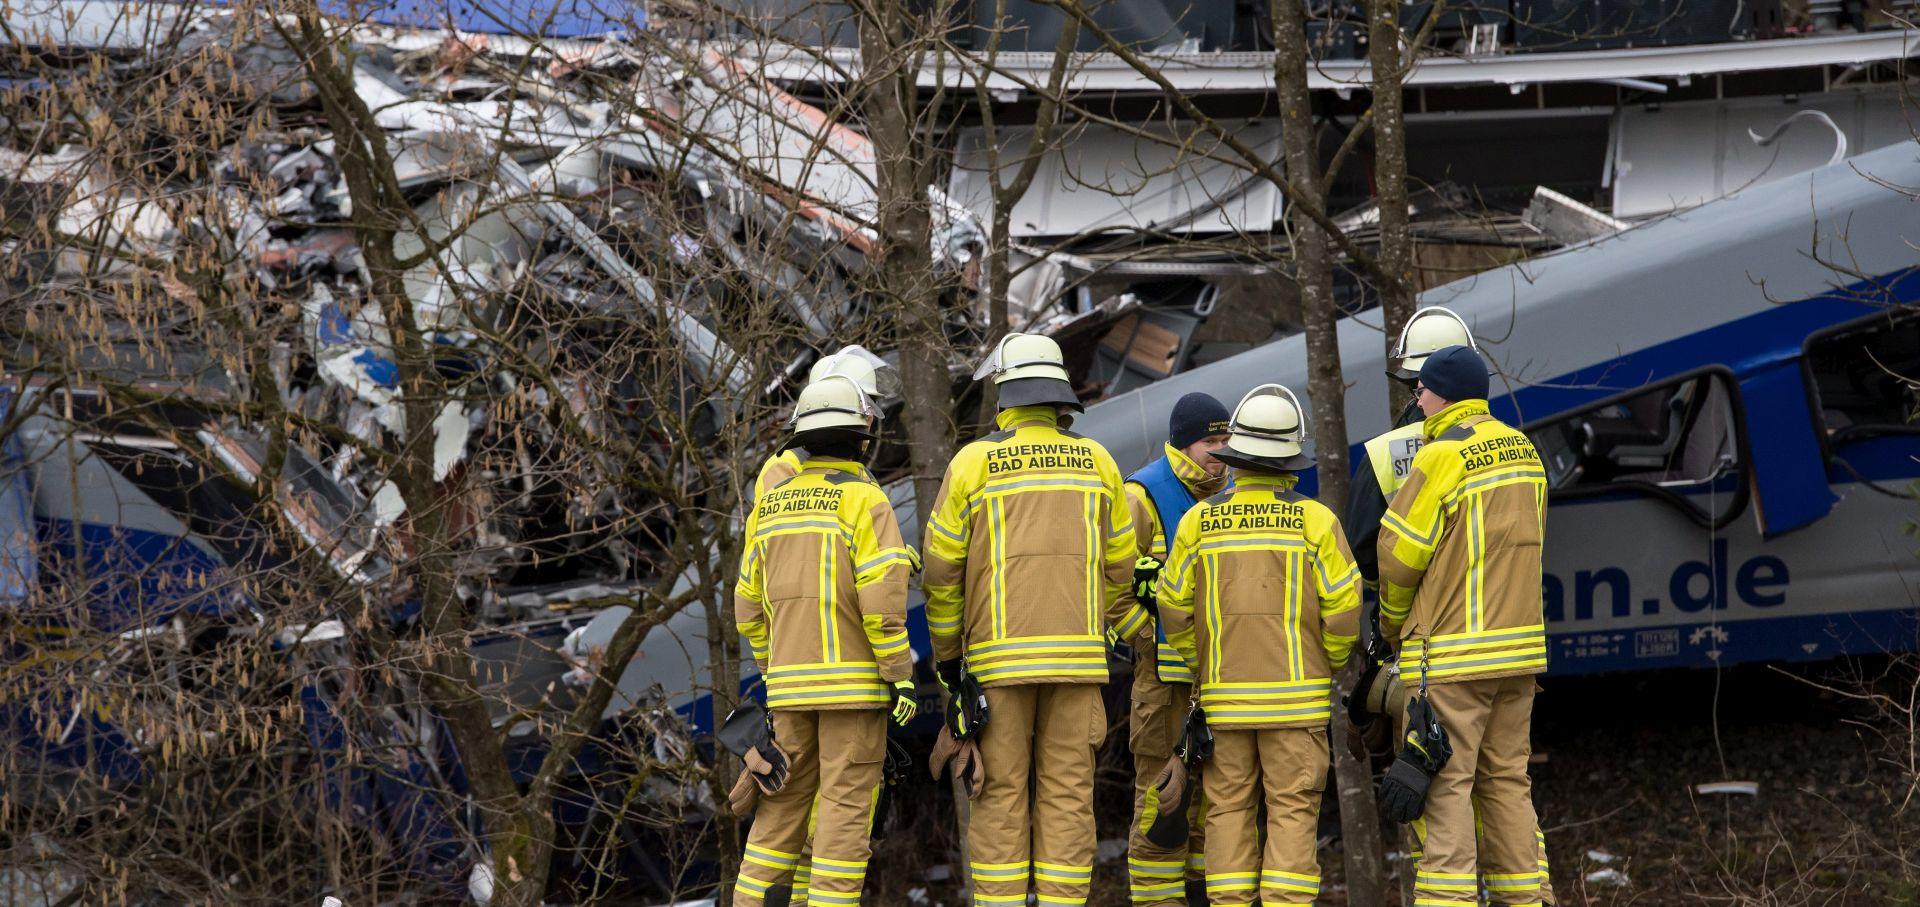 POGINULO 11 LJUDI Do željezničke nesreće u Bavariji došlo zbog greške kontrolora vlaka